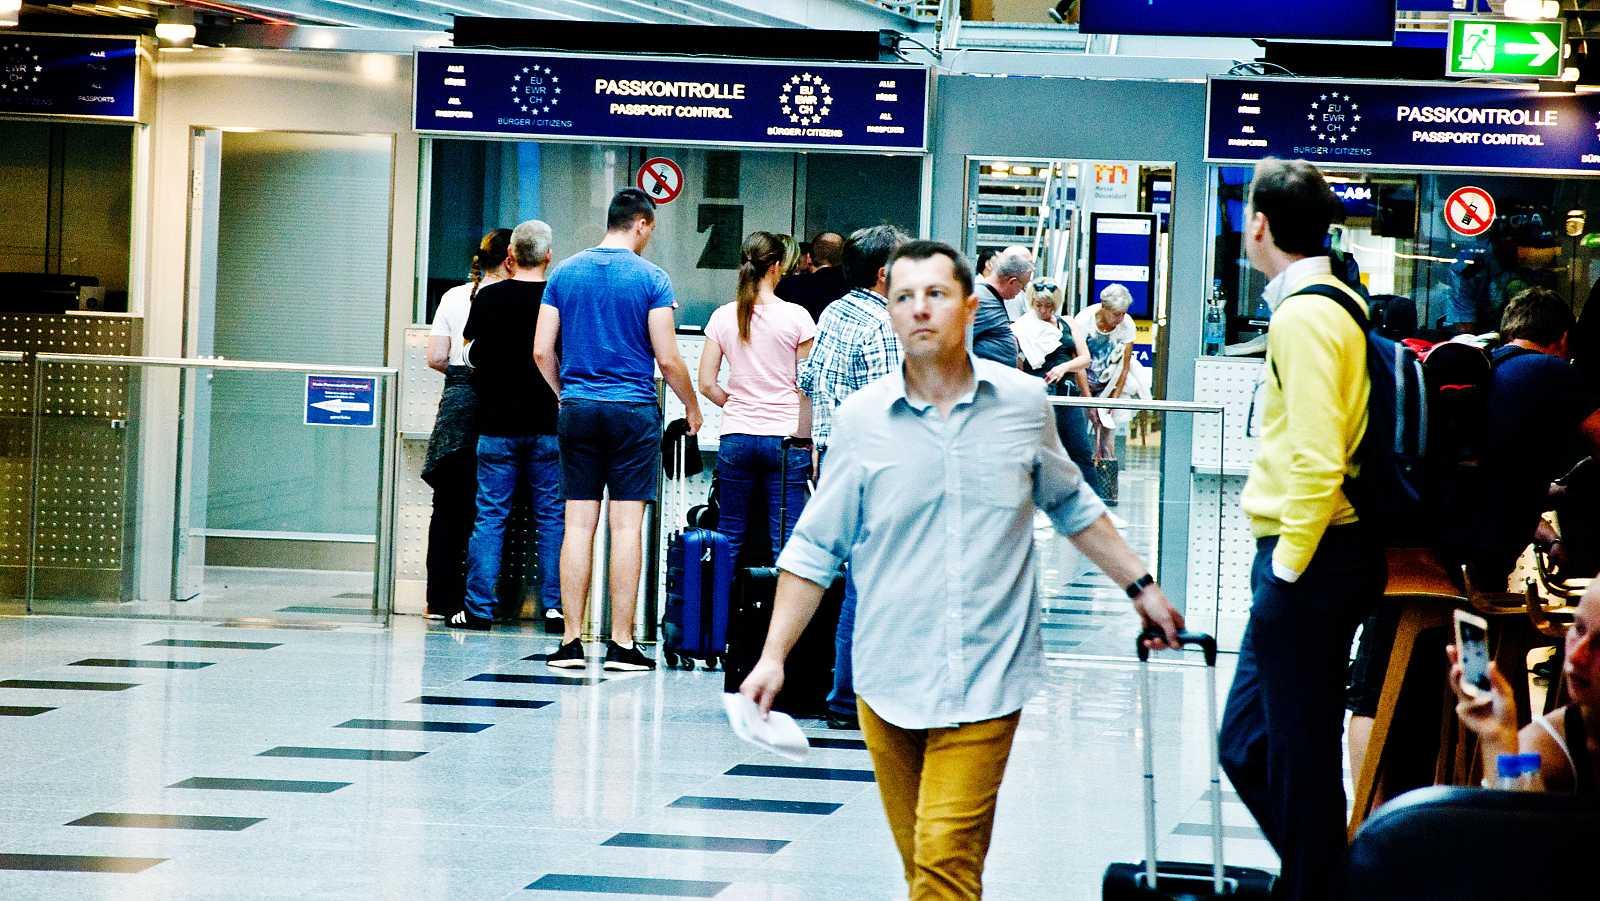 Una de las prioridades del plan de la UE es el sector turístico, que supone un 10% del PIB europeo.